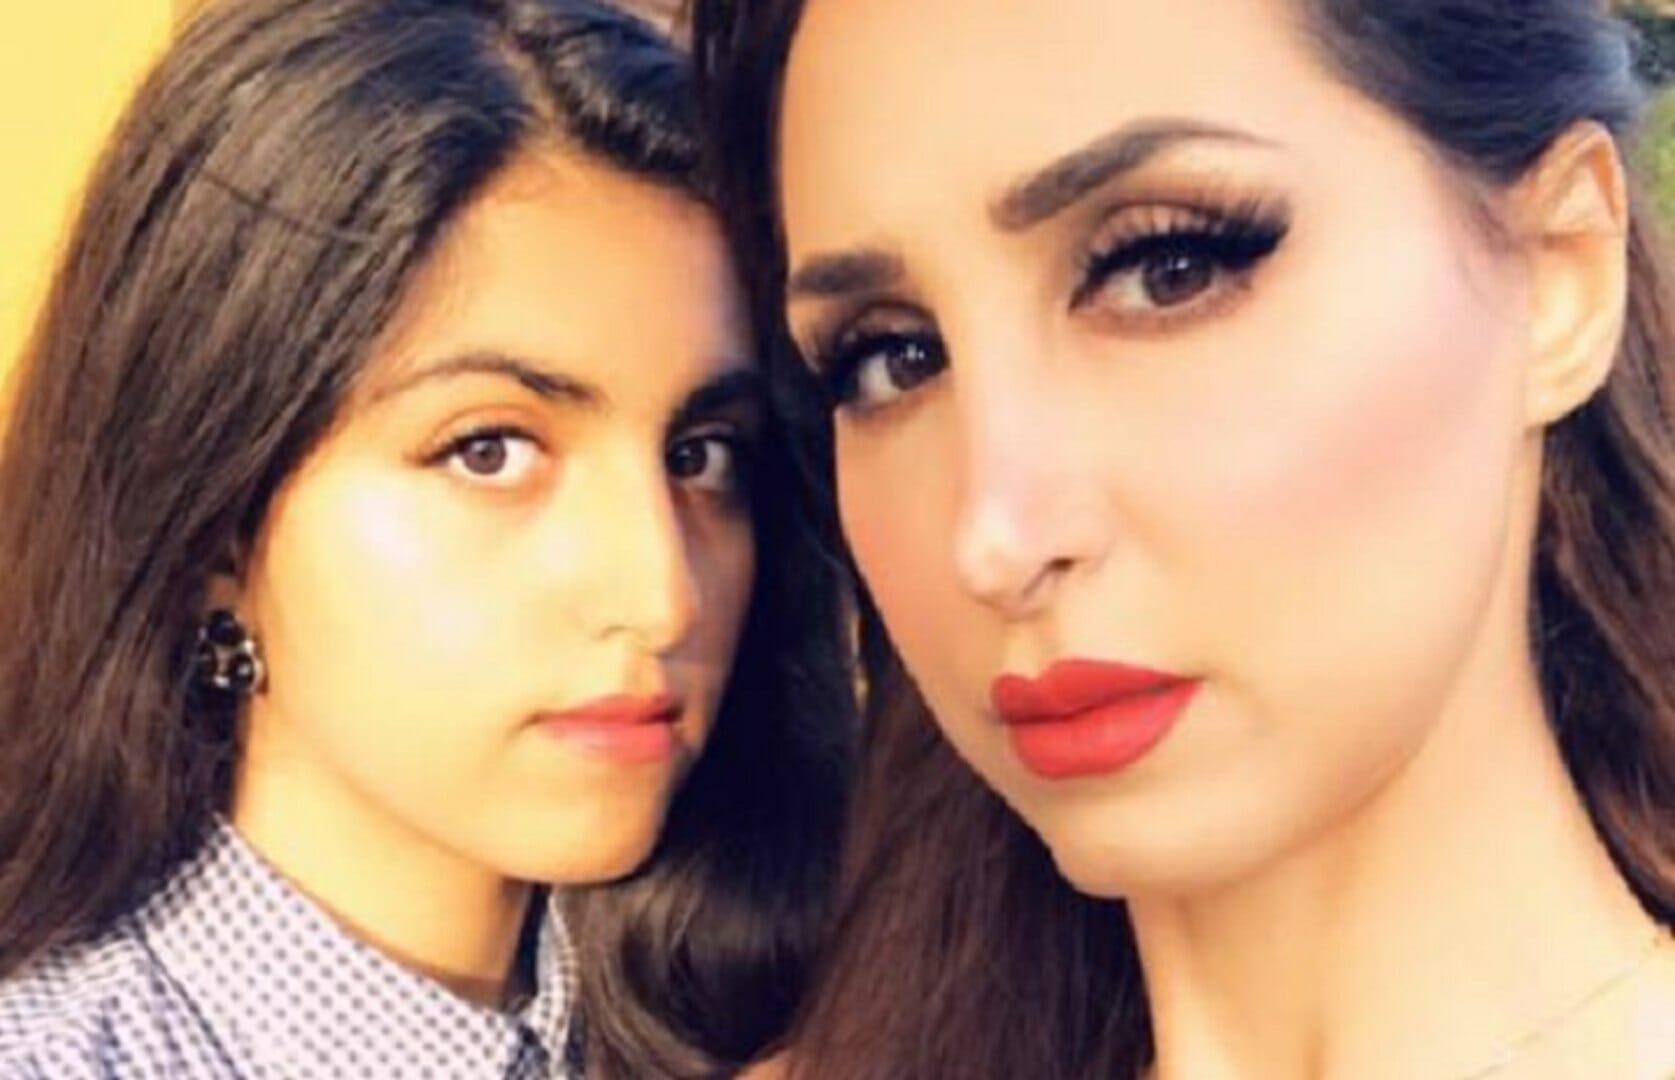 هند القحطاني تثير الجدل بعد تصوير ابنتها بإطلالة جريئة